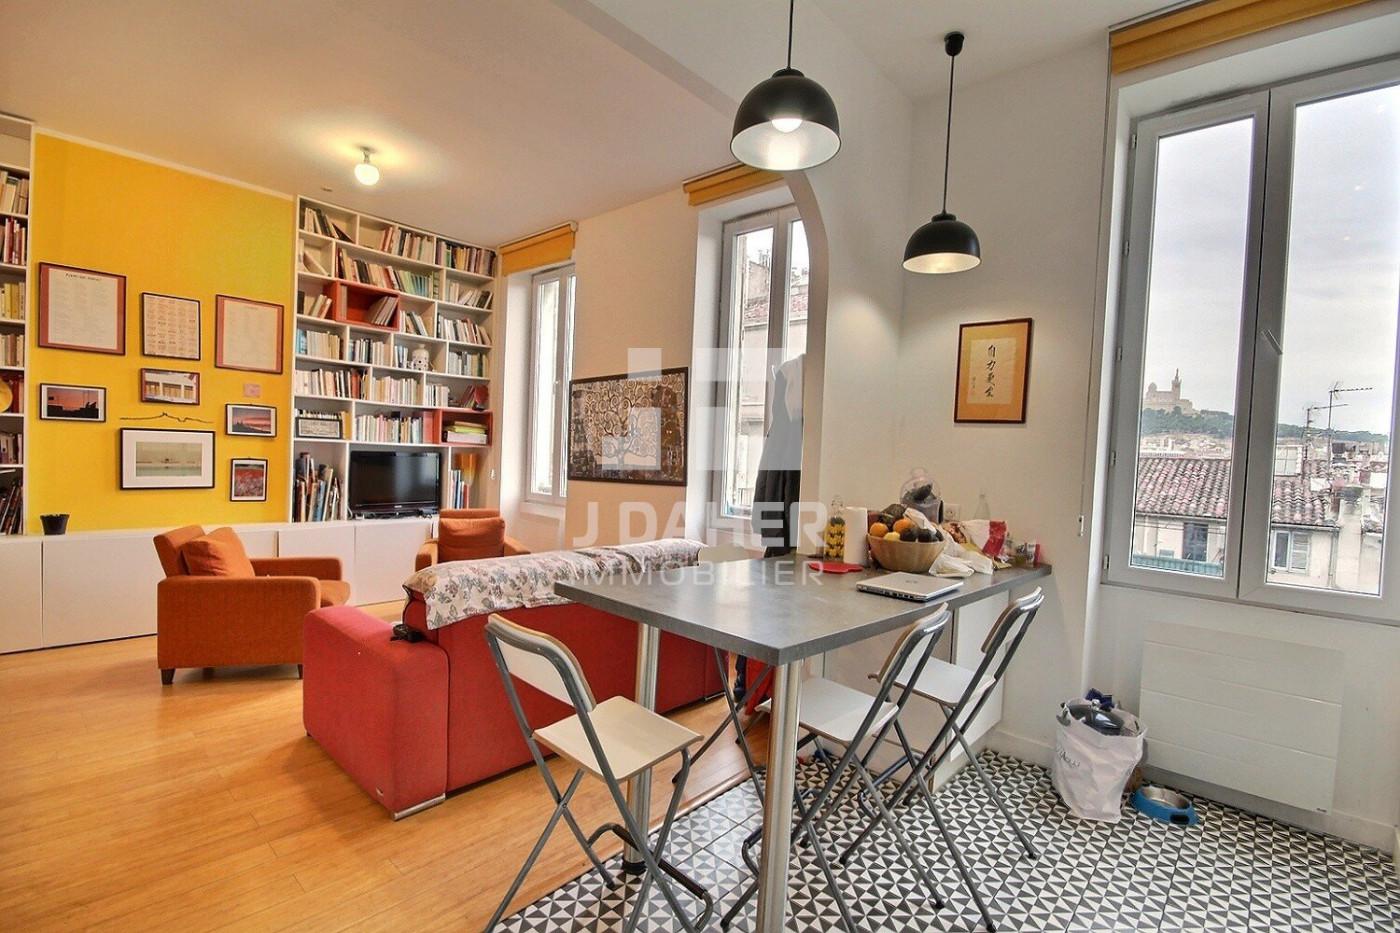 A vendre Marseille 6eme Arrondissement 130251014 J daher immobilier